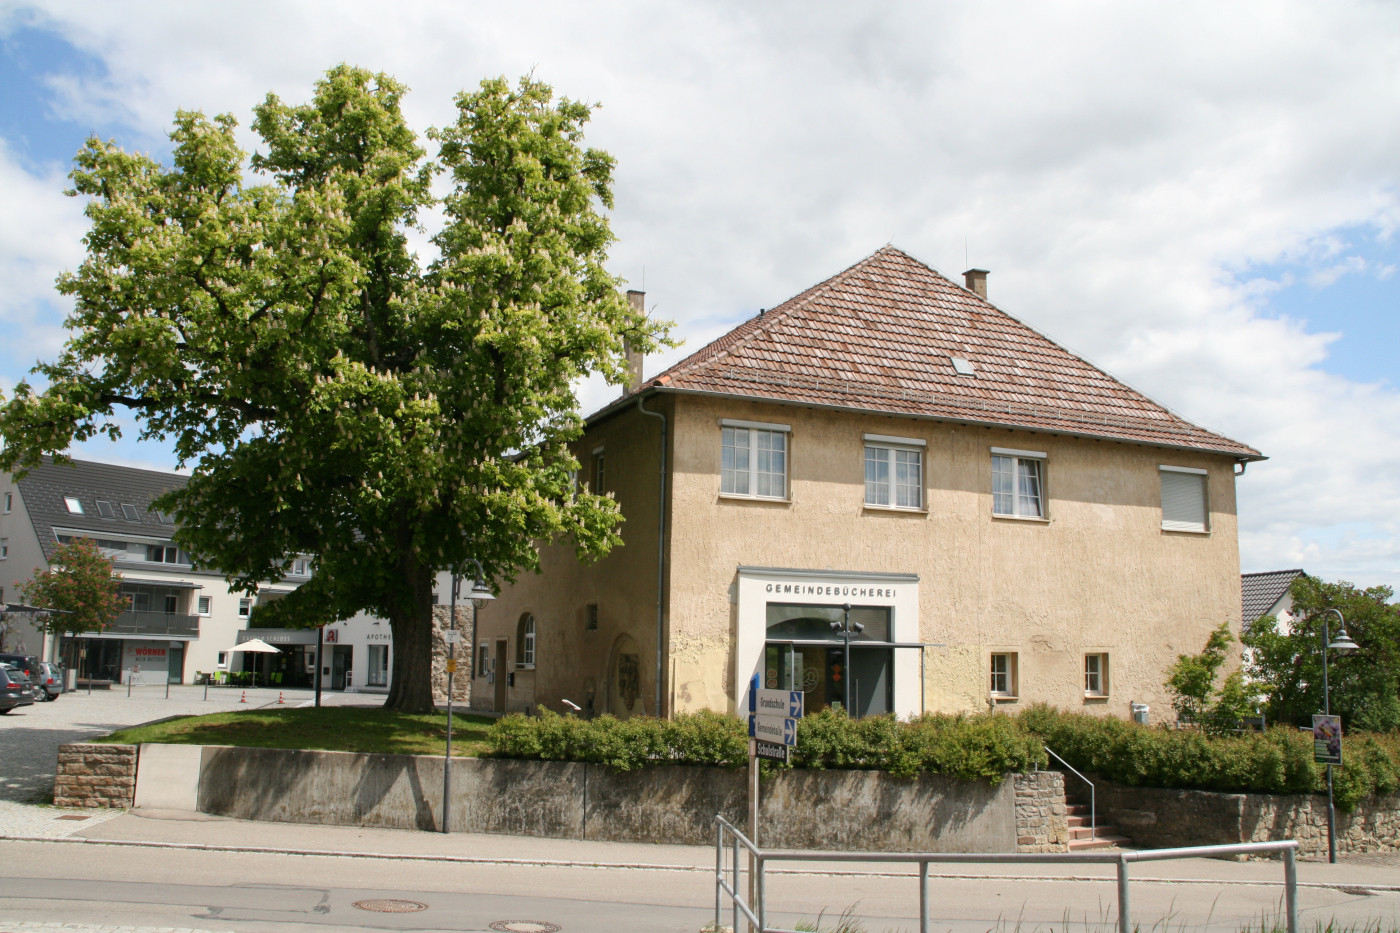 Bild_9_Gemeindebücherei.jpg